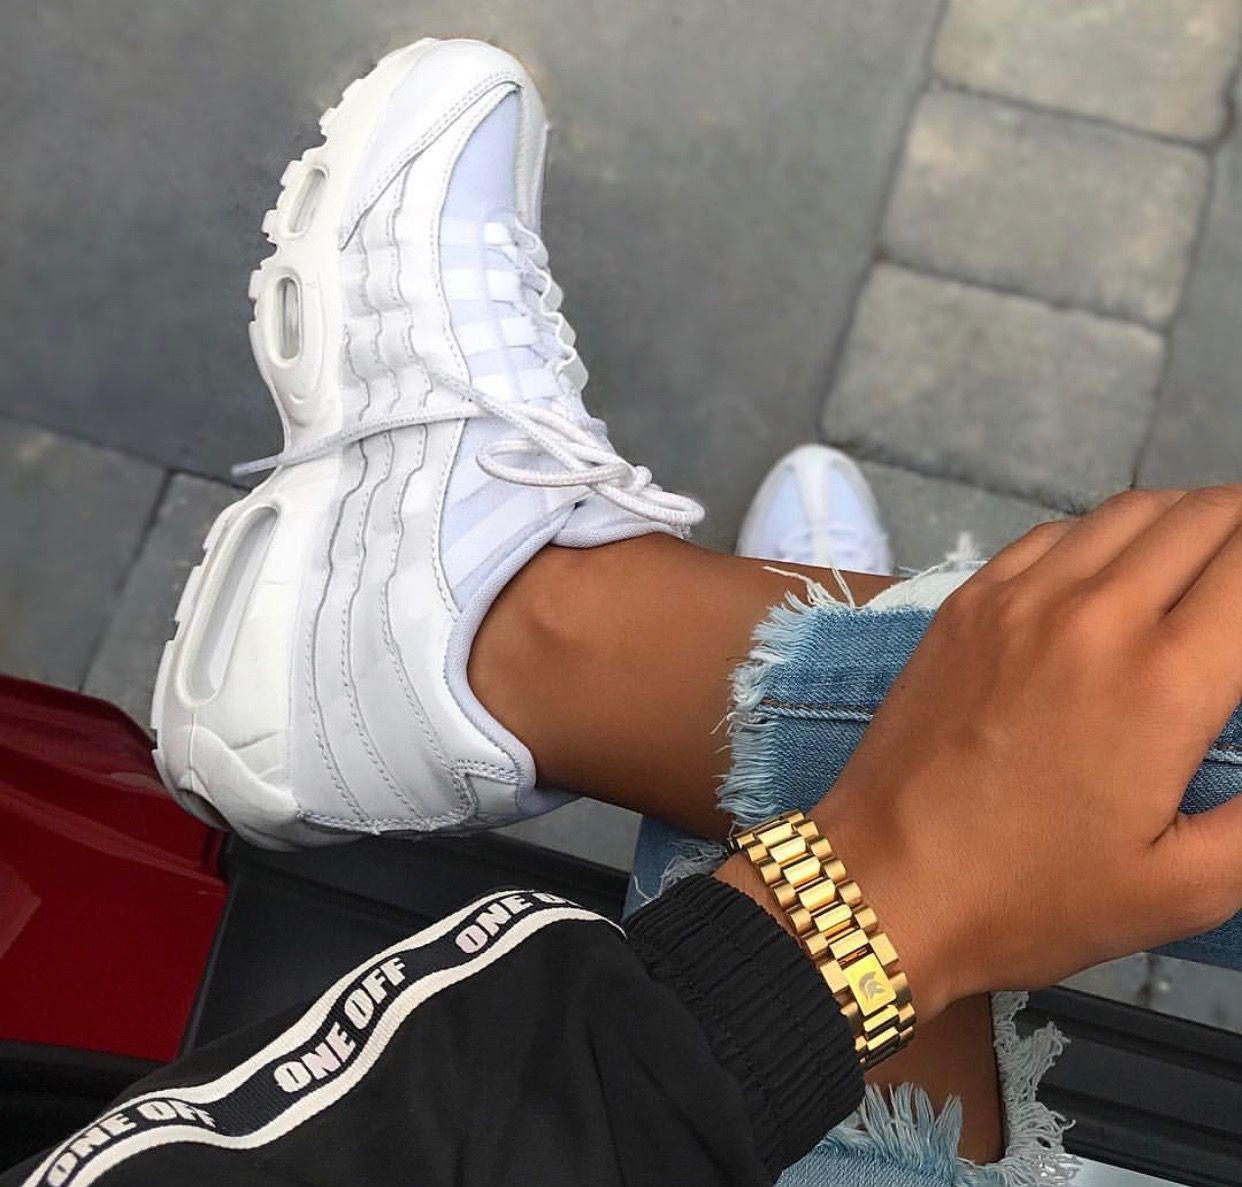 Pin by ♡ղ!Ƙყყ♡ on hoes Nike air max 95, Outfit shoes